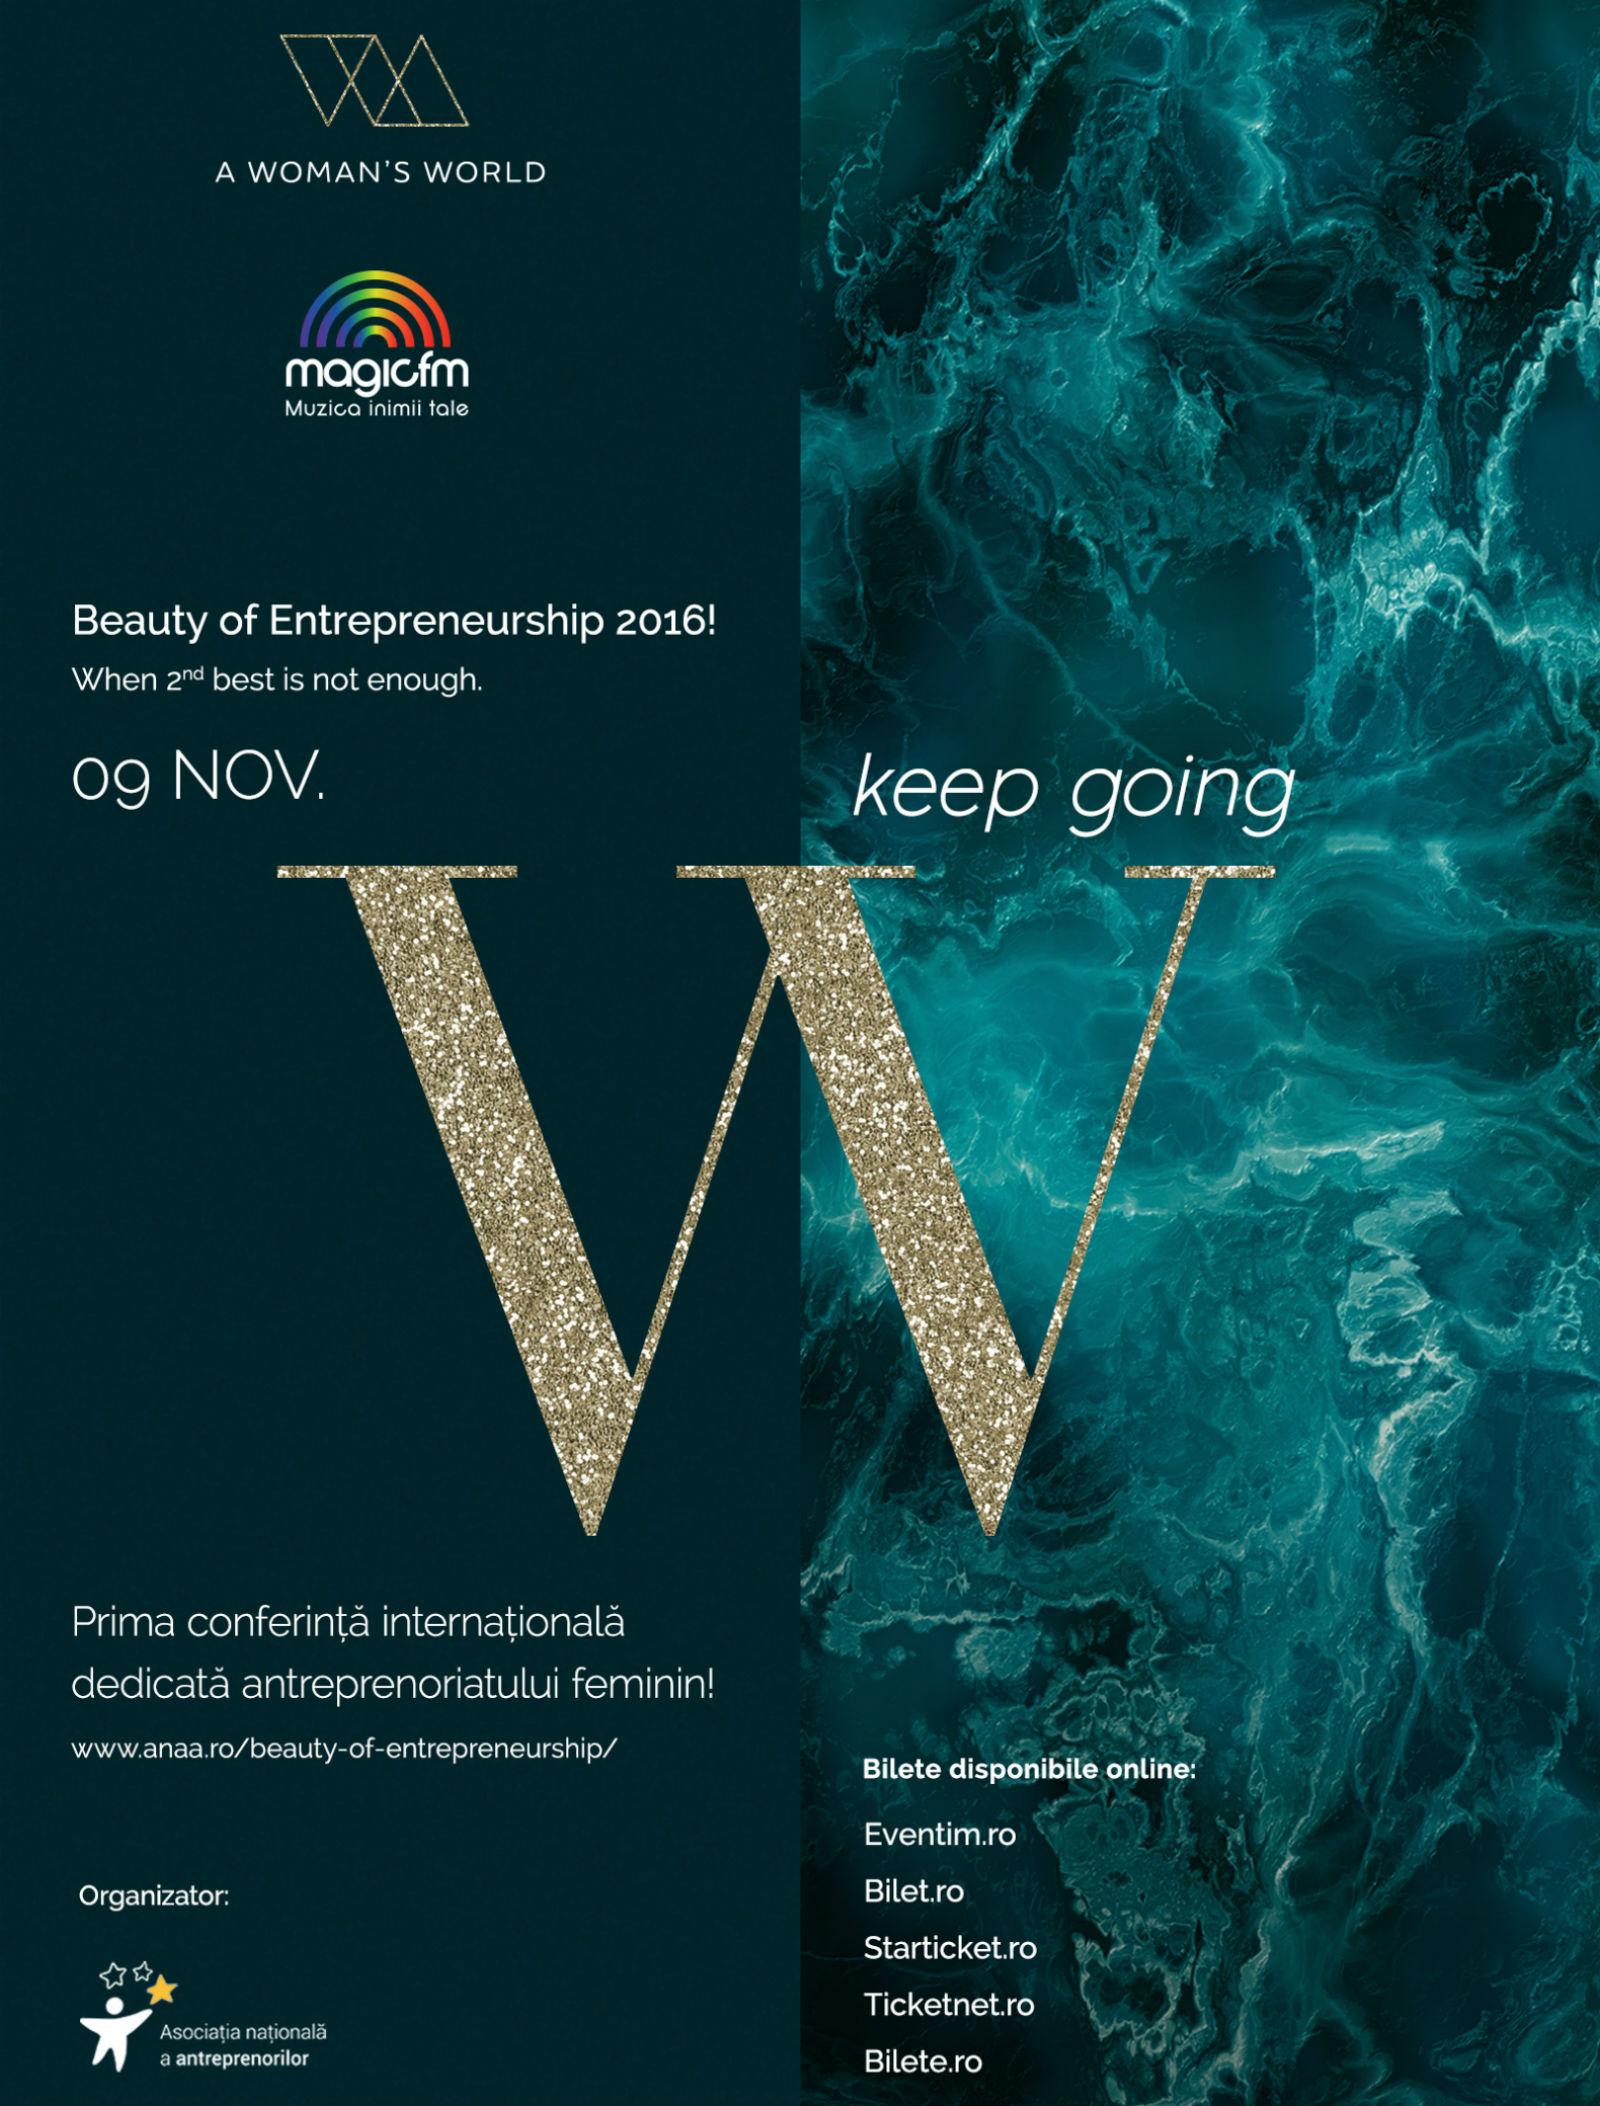 Prima conferință internațională cu accent pe femeile antreprenor